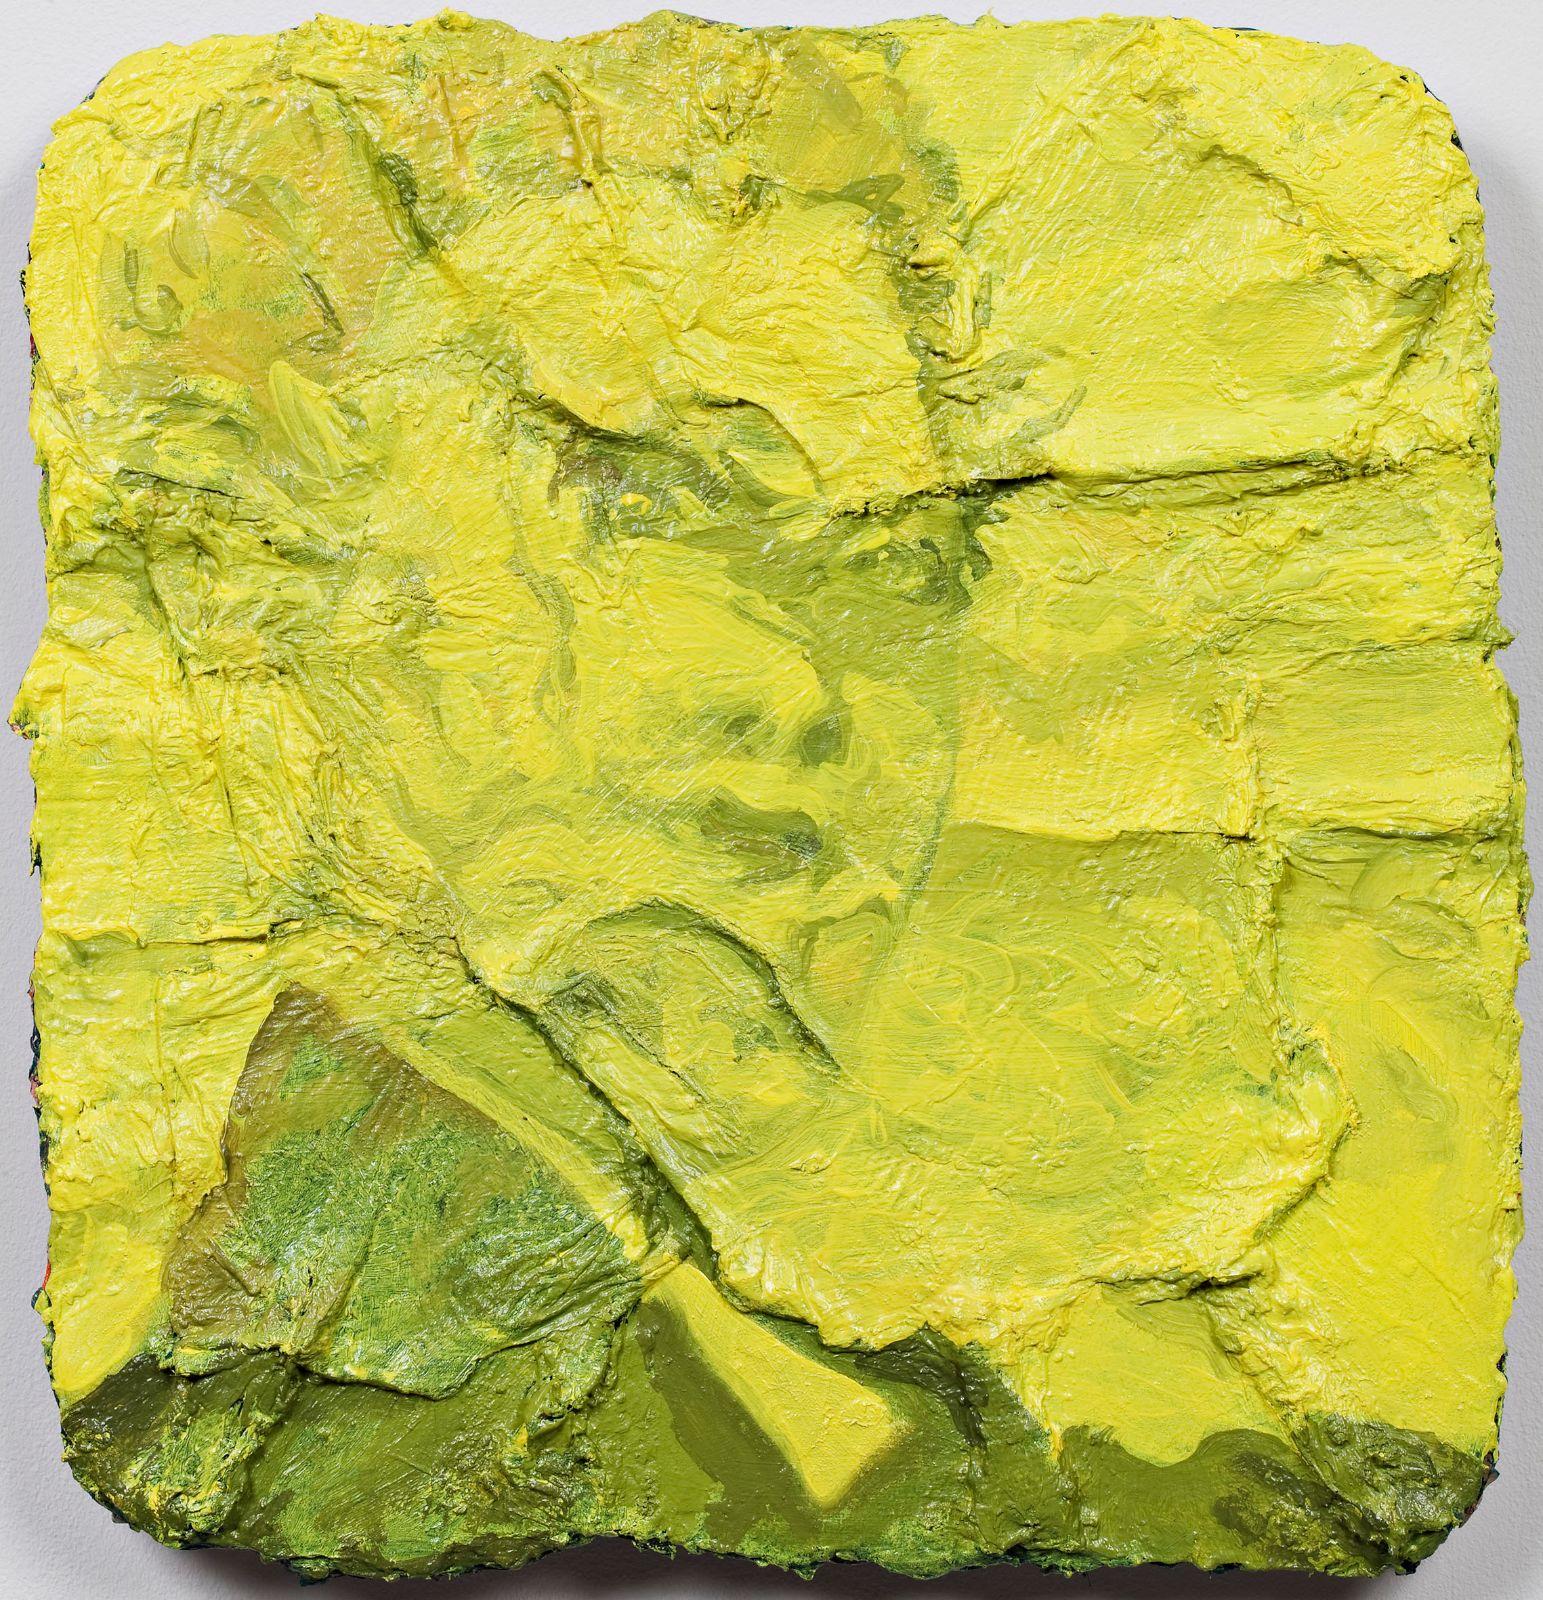 Studie til et ideelt hode (Skuespilleren), 2009, oil on canvas on panel, 41 x 39 cm